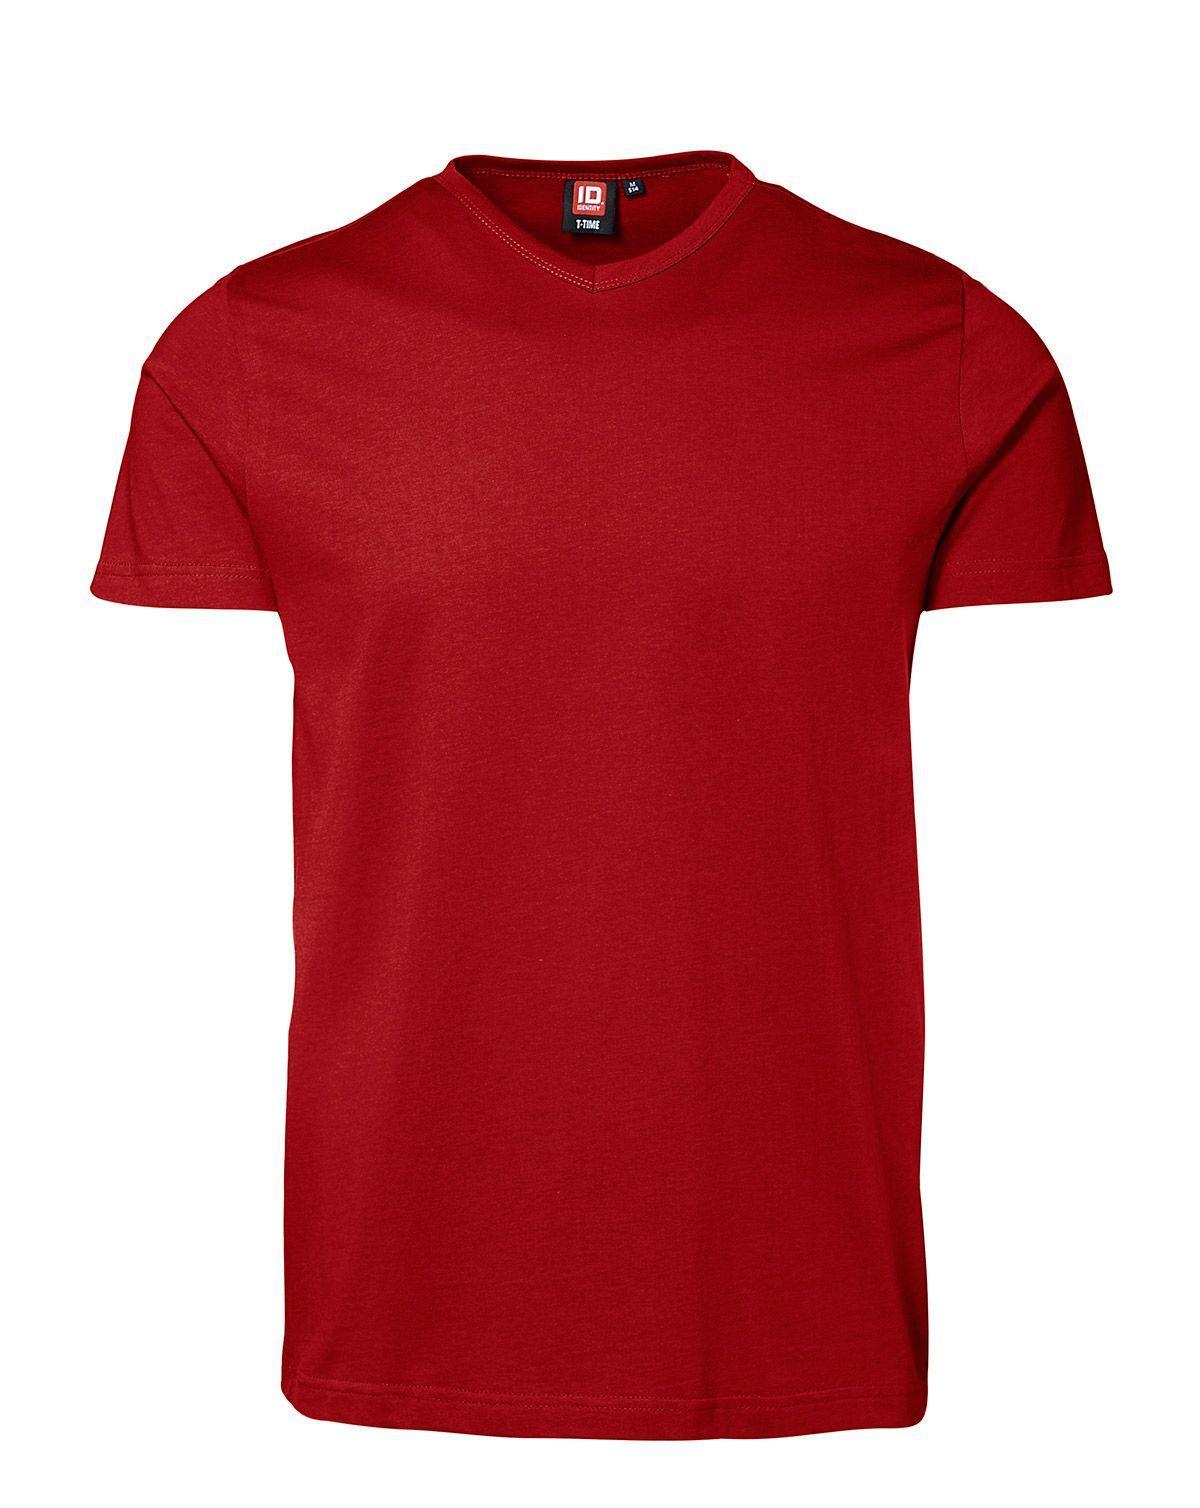 ID V-hals T-shirt (Rød, 2XL)